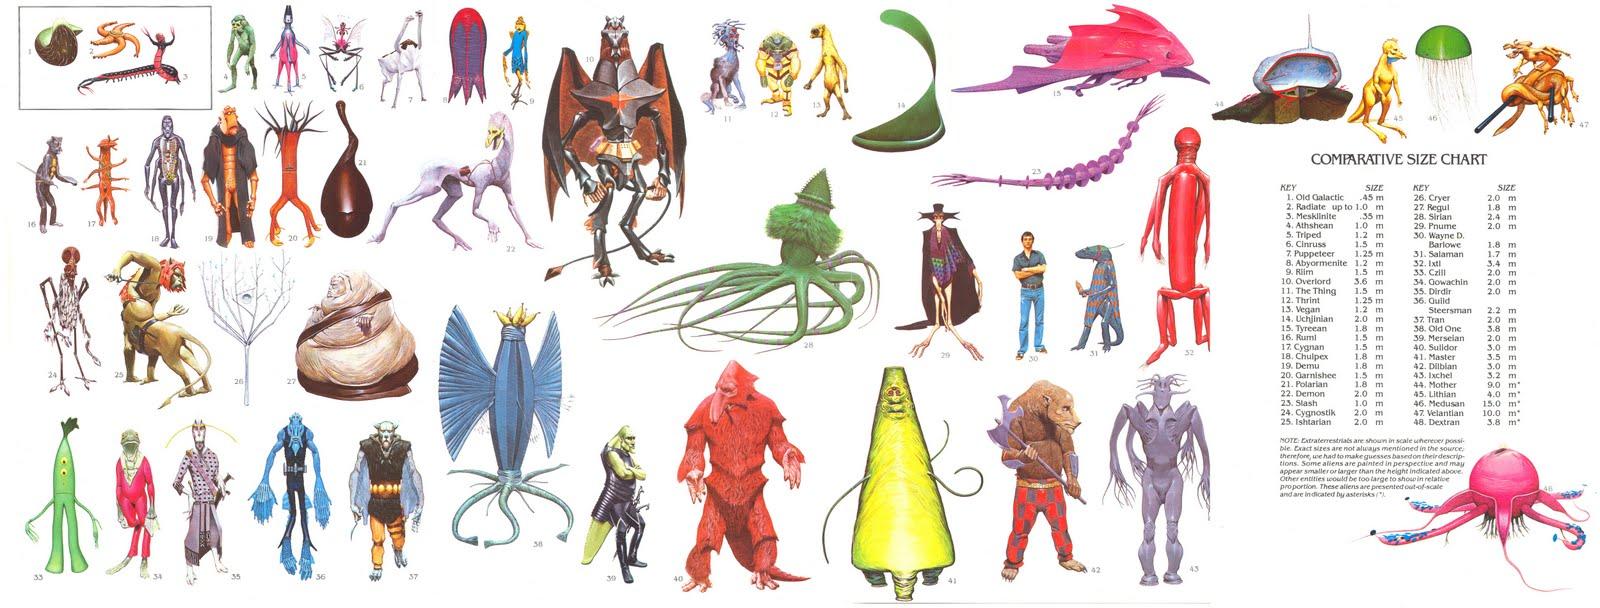 Barlowe's Guide to Fantasy - The PorPor Books Blog: SF and ...